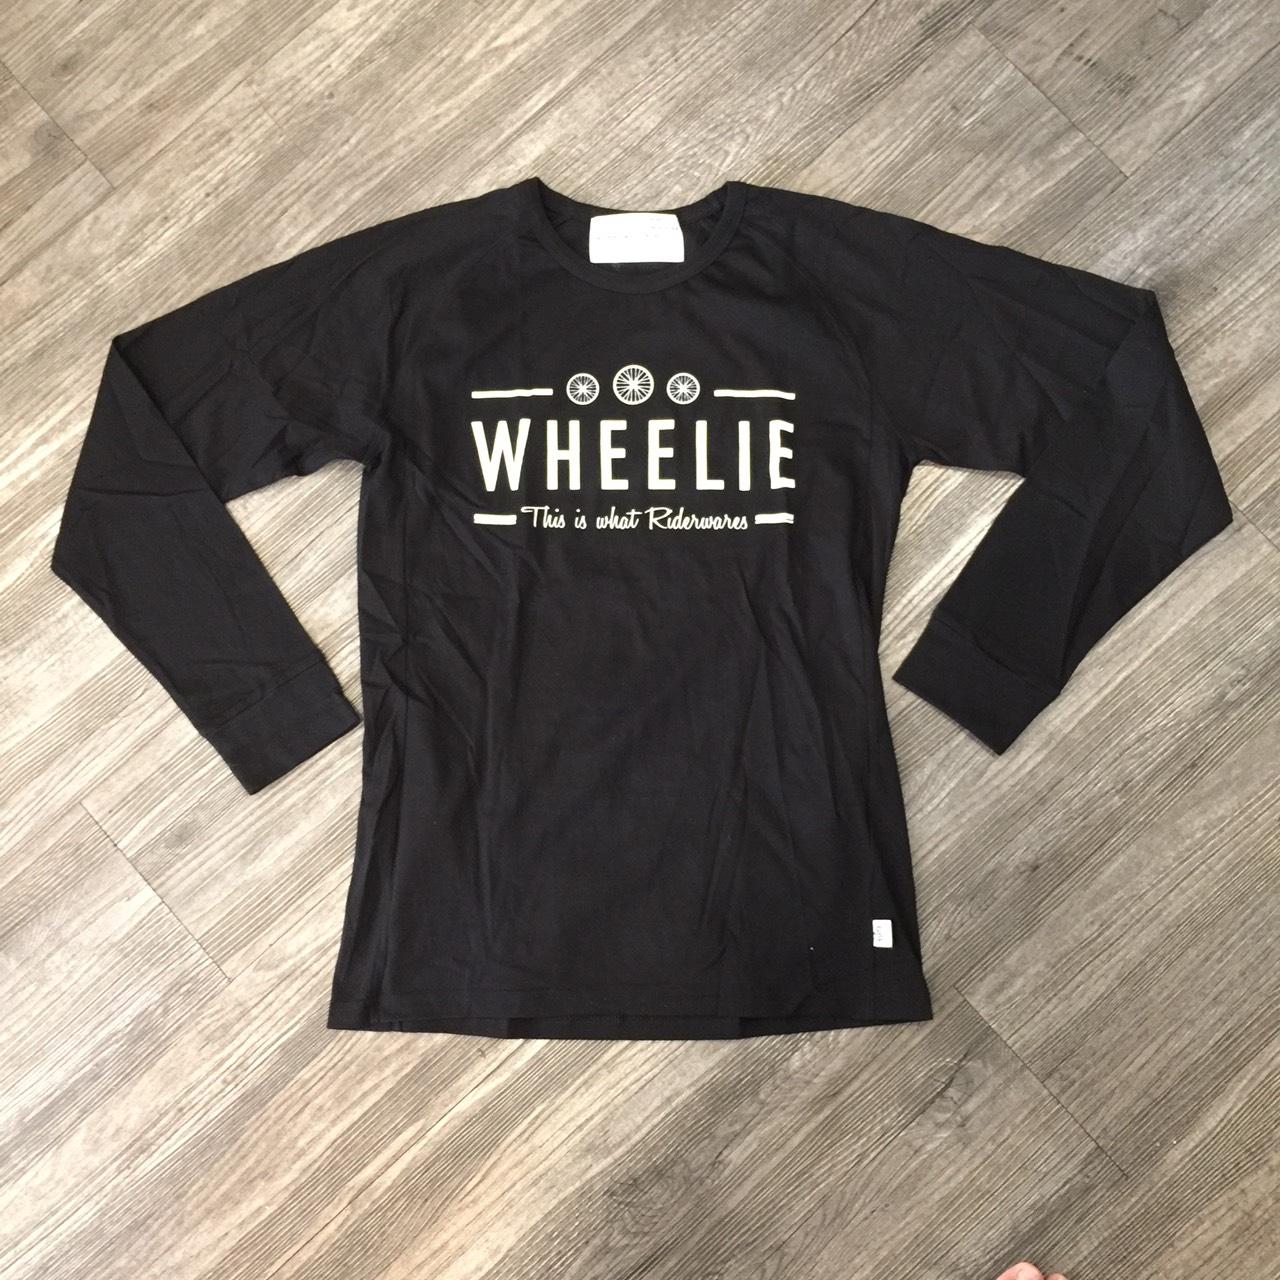 W Wheelie this is rider wear M